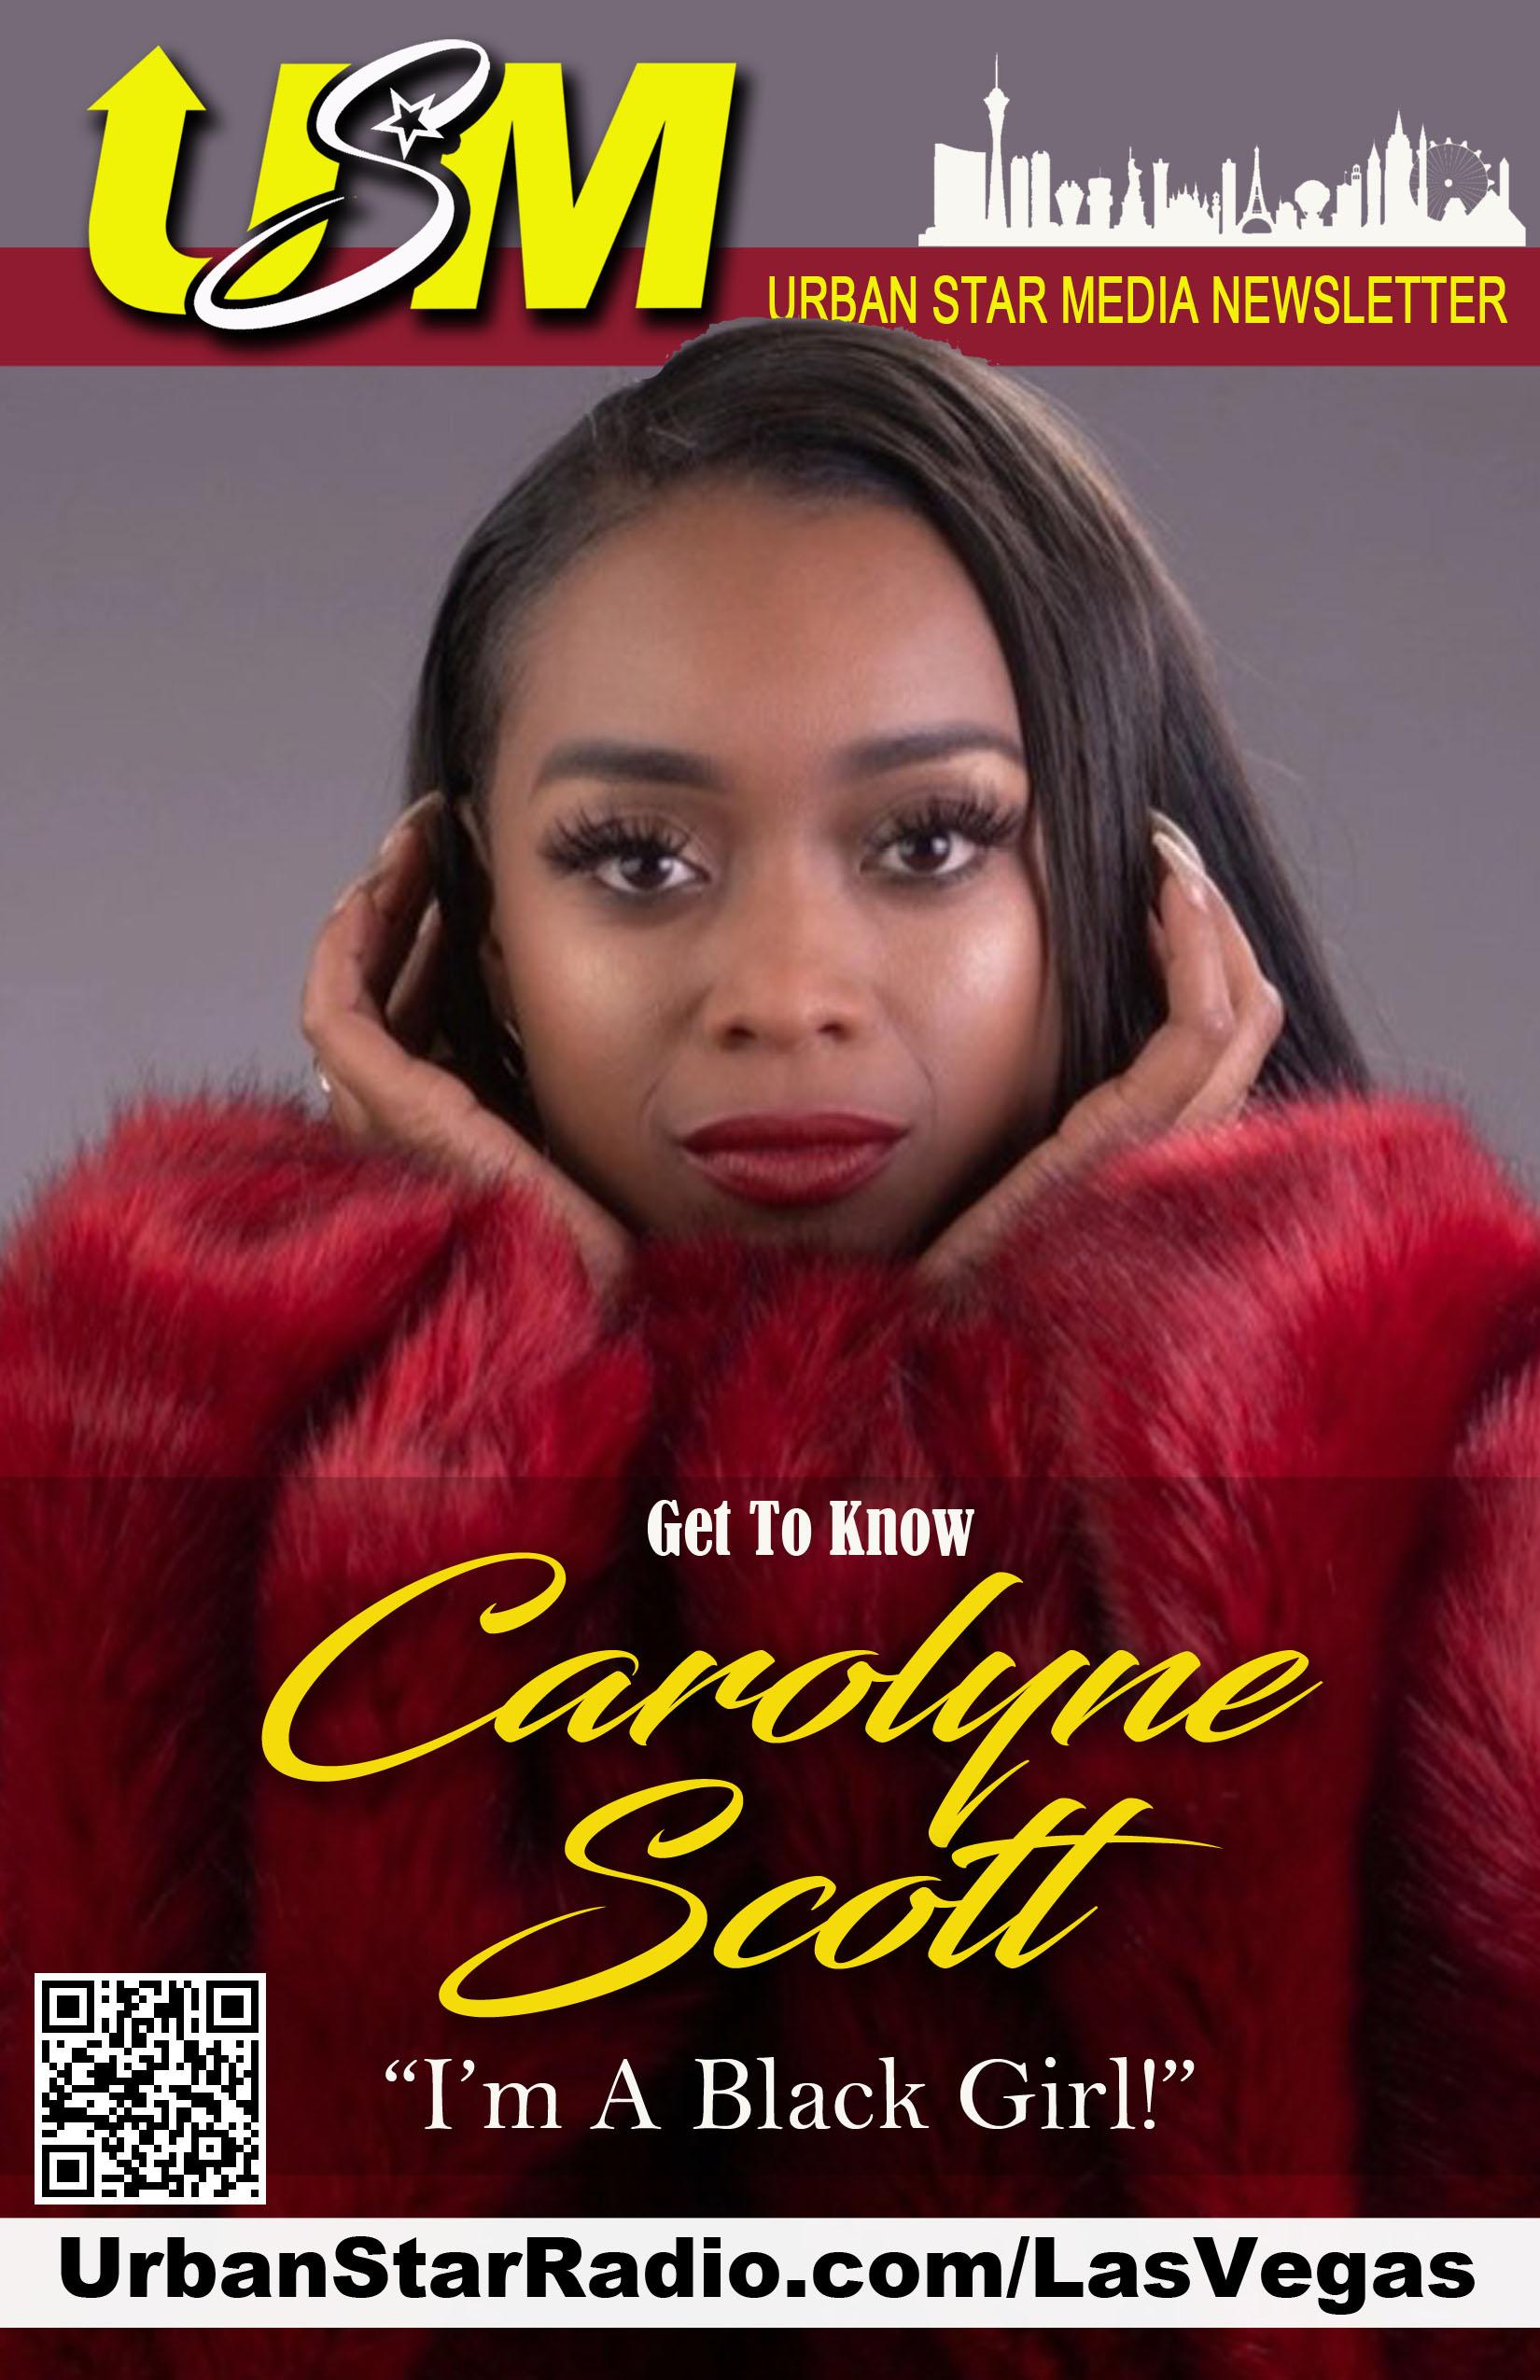 Urban Star Newsletter Cover Carolyne